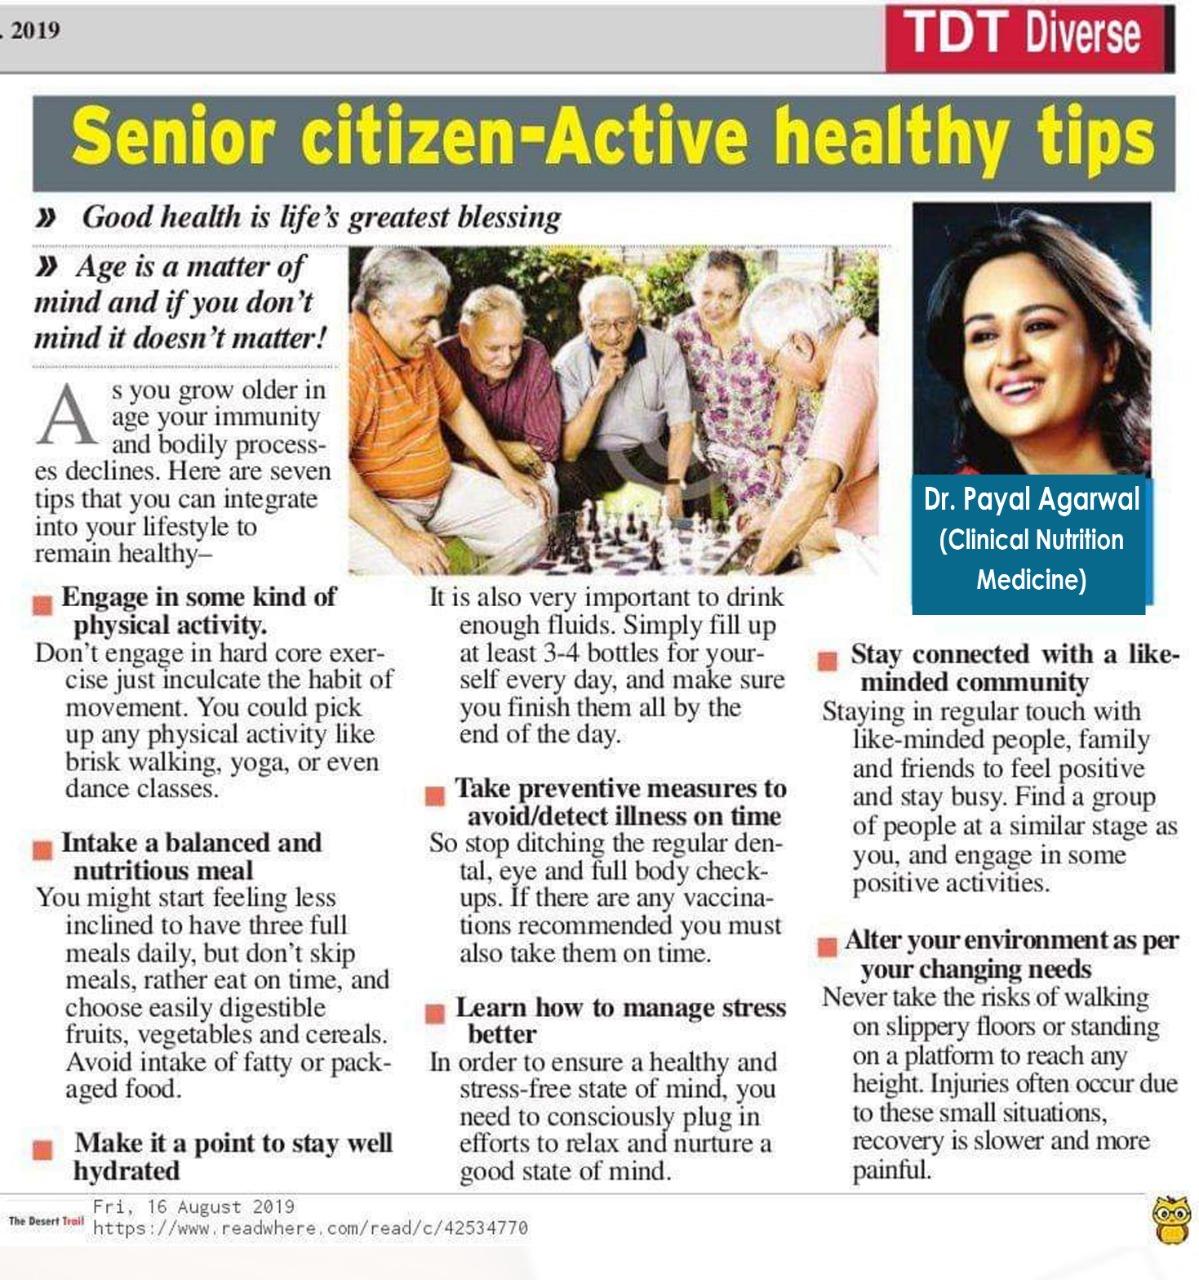 Senior Citizen - Active Healthy Tips